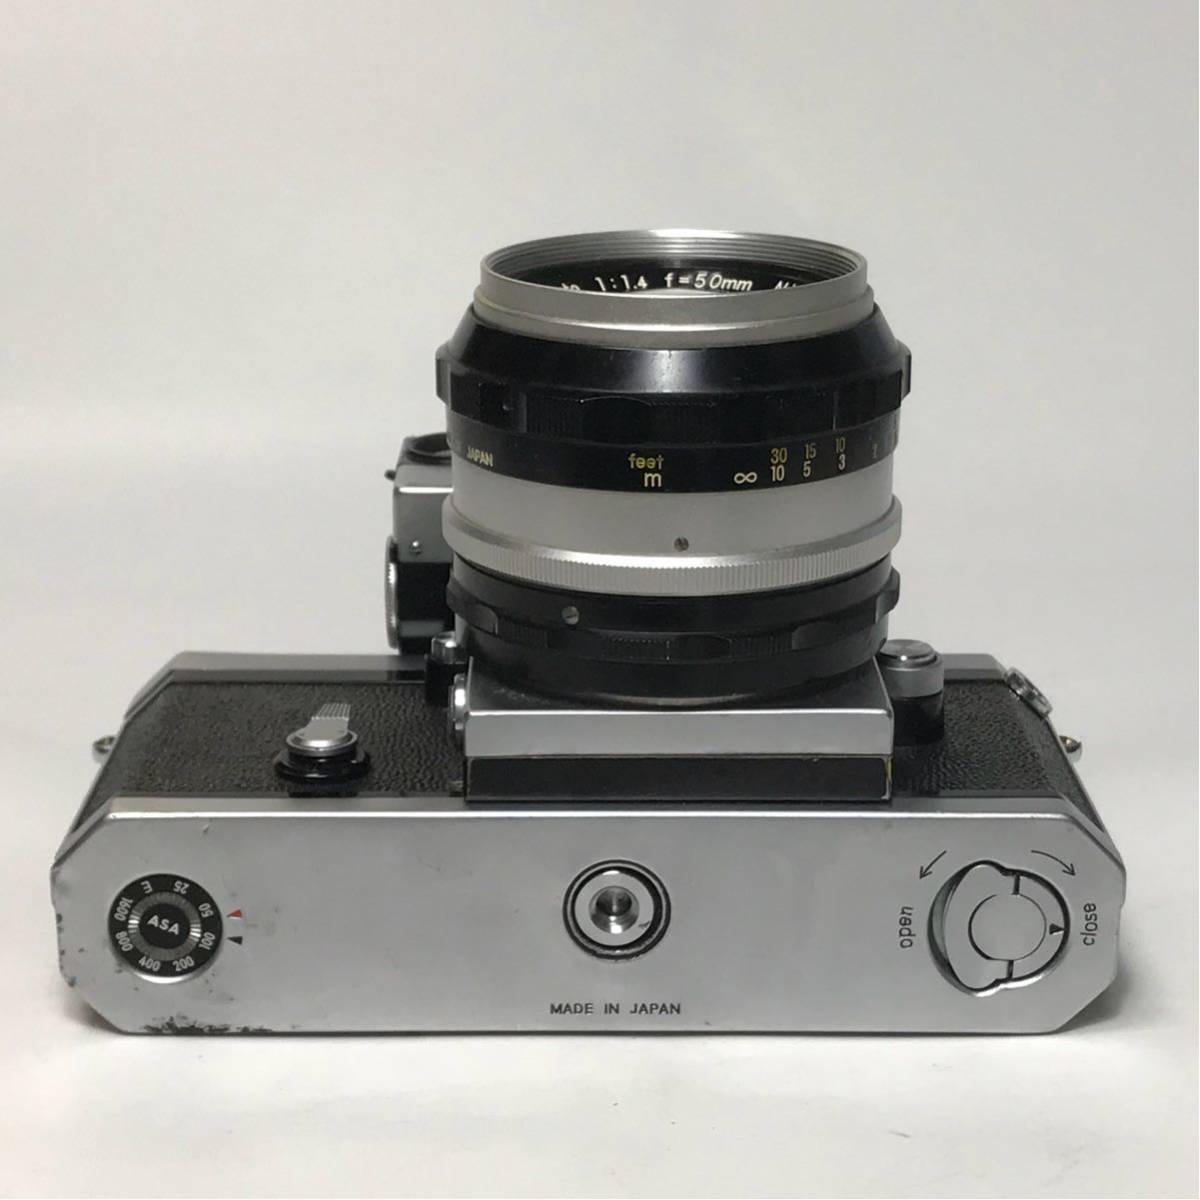 Nikon F Photomic FTN /ニコン F 外部測光式フォトミックファインダー SLR FILM CAMERA with/Nikkor 1.4 50㎜【c/n7065523】_画像8